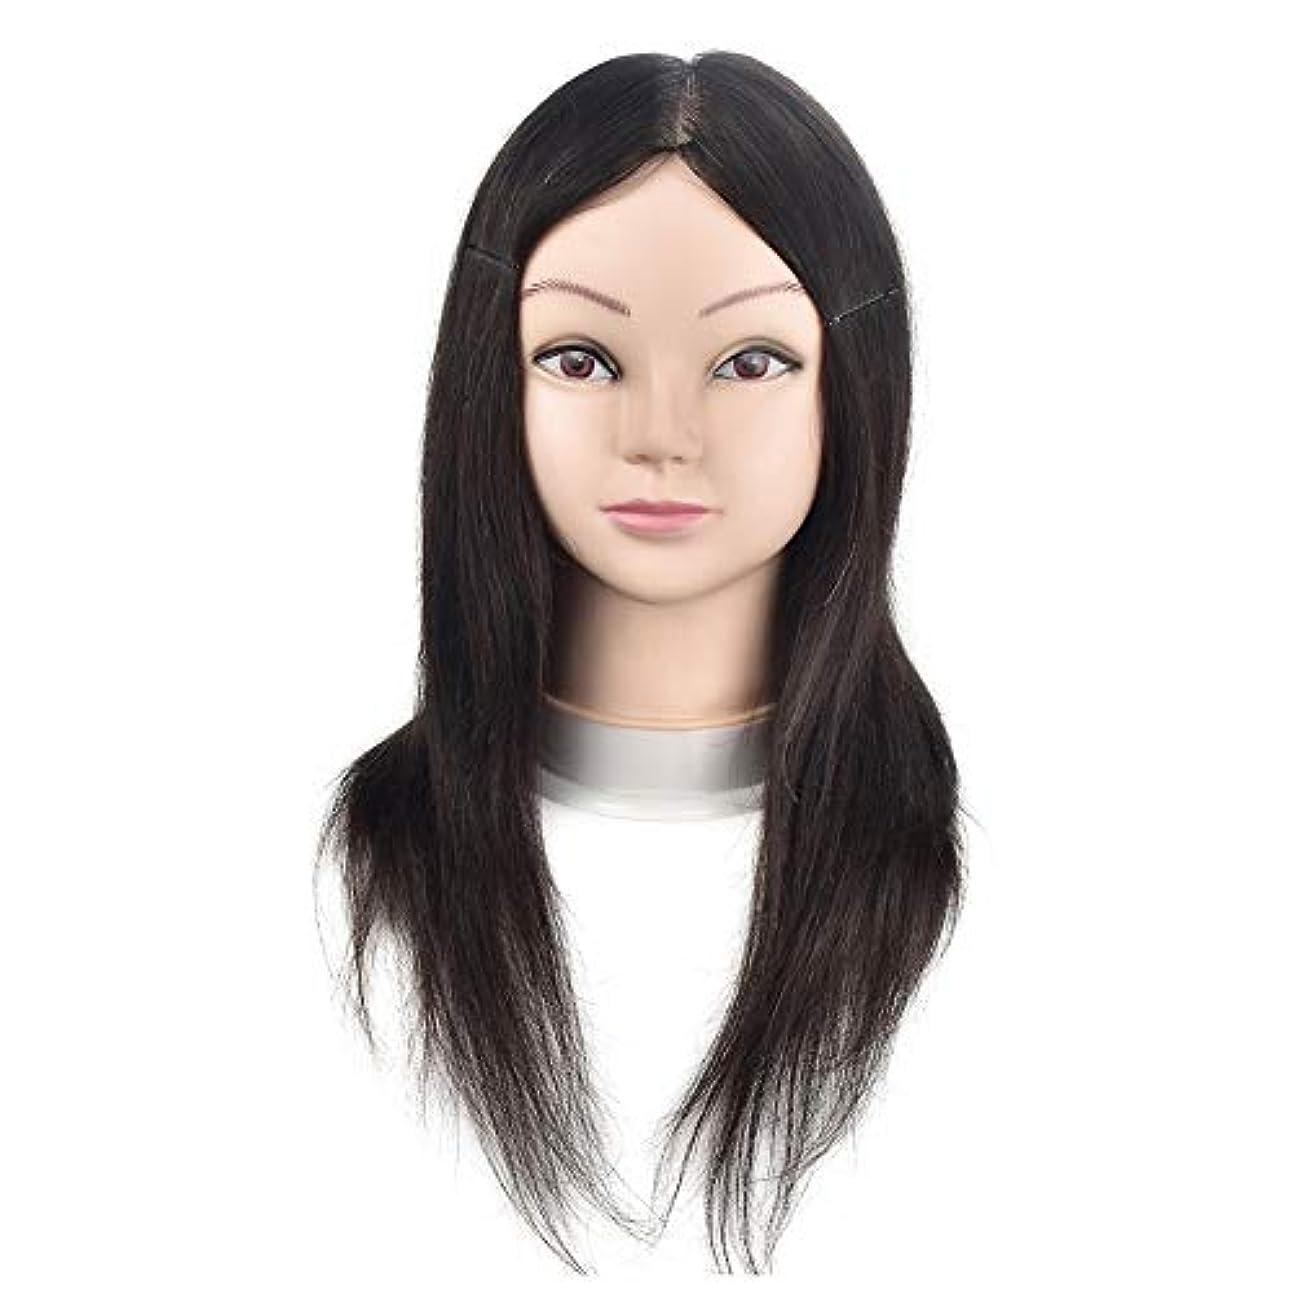 トレード危険な安心本物の髪、髪編組髪、熱い染毛ヘッド型サロン形状かつら運動ヘッド散髪学習ダミーヘッド